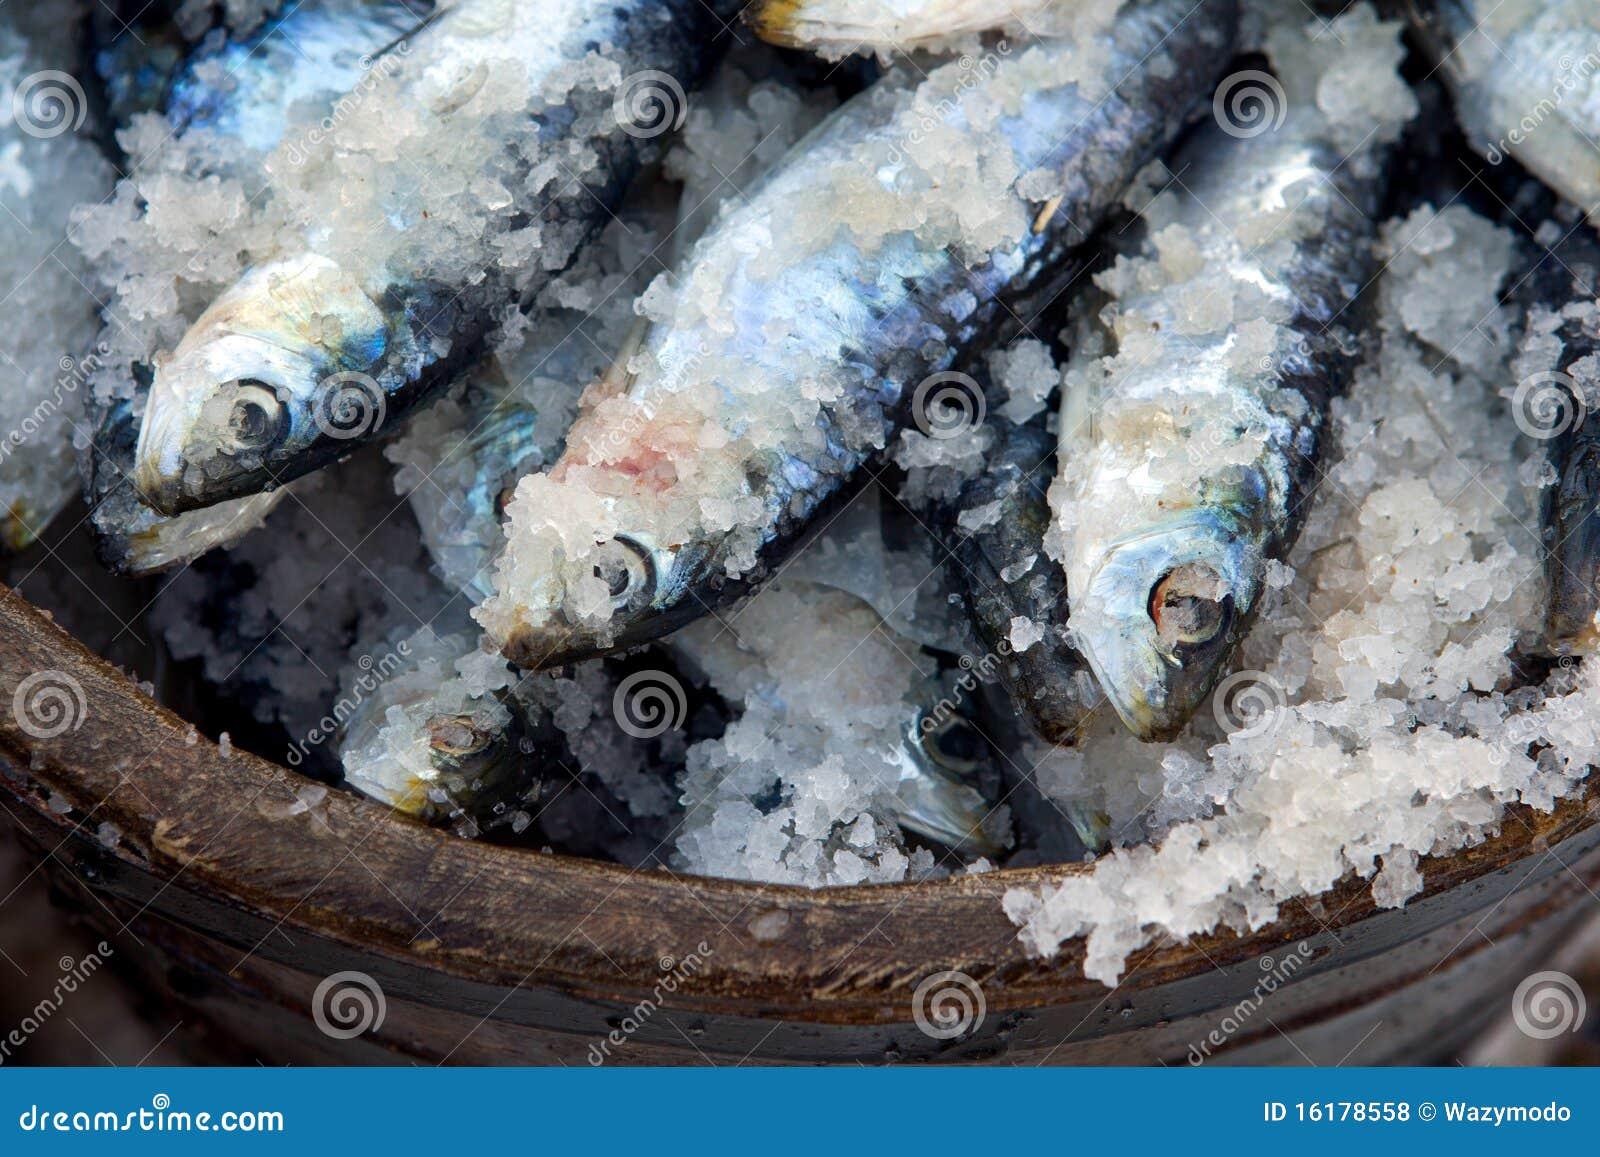 sardinen konserviert im salz stockfoto bild 16178558. Black Bedroom Furniture Sets. Home Design Ideas